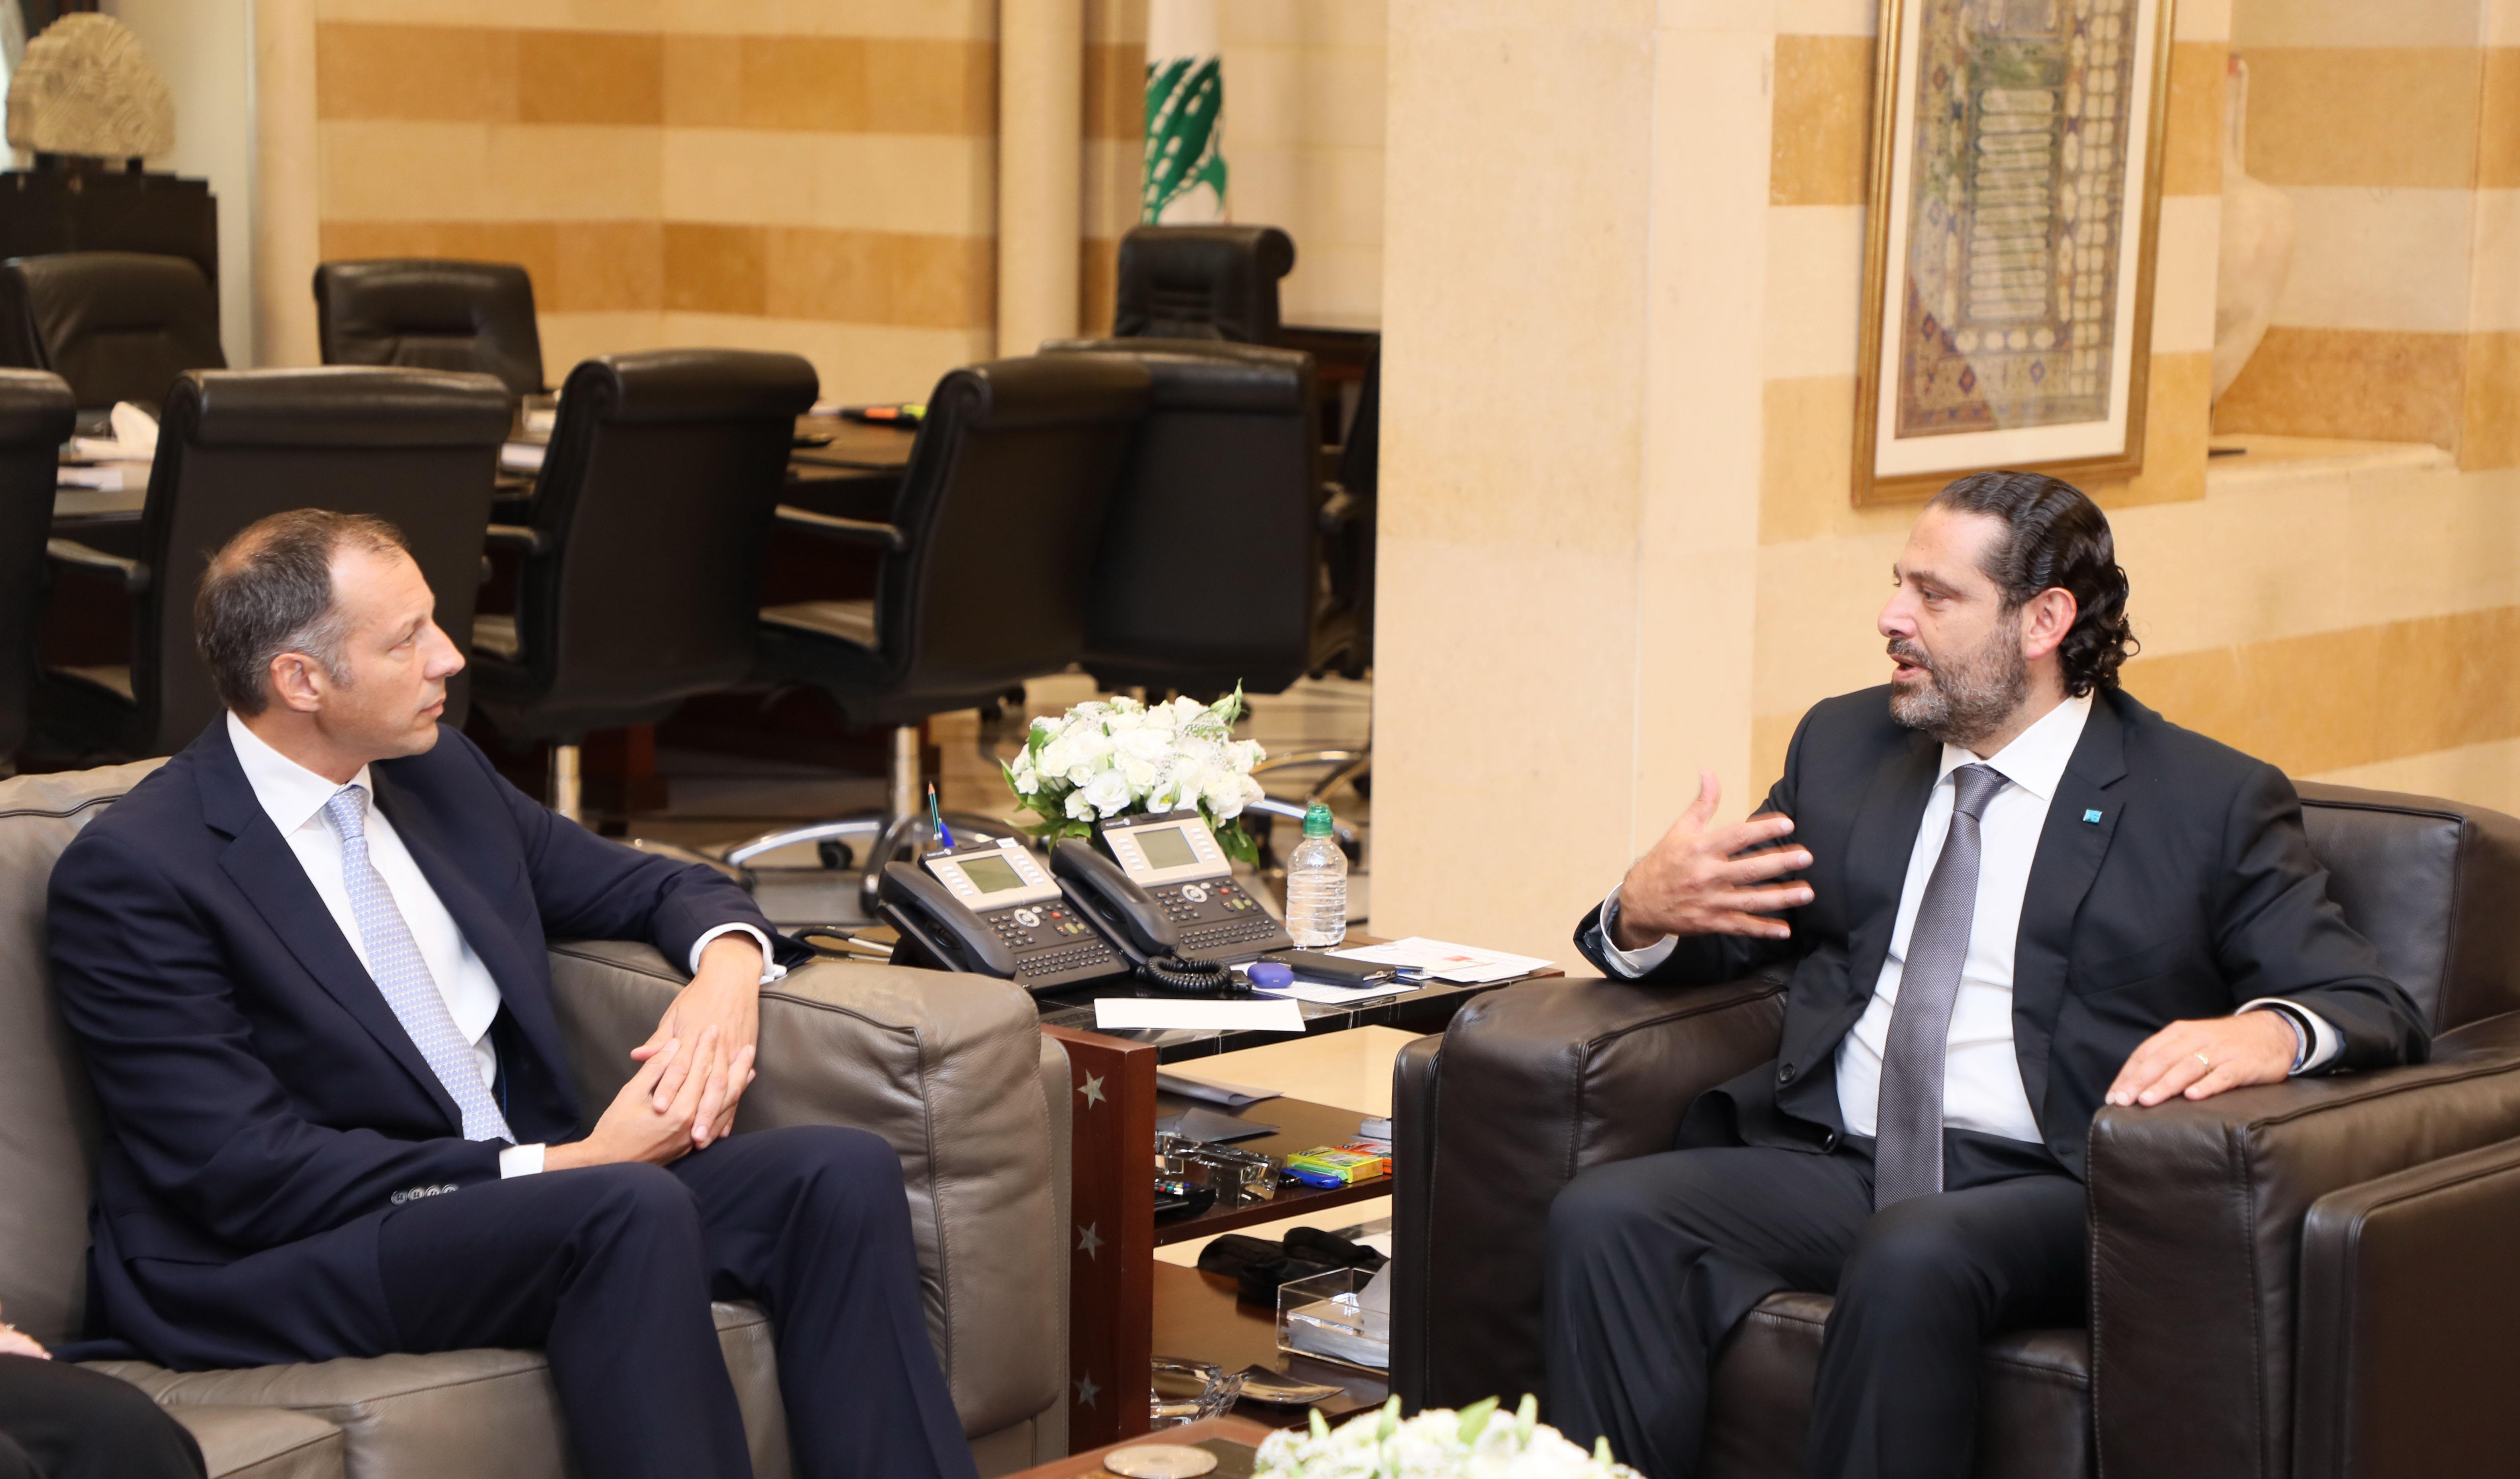 Pr Minister Saad Hariri meets US Delegation